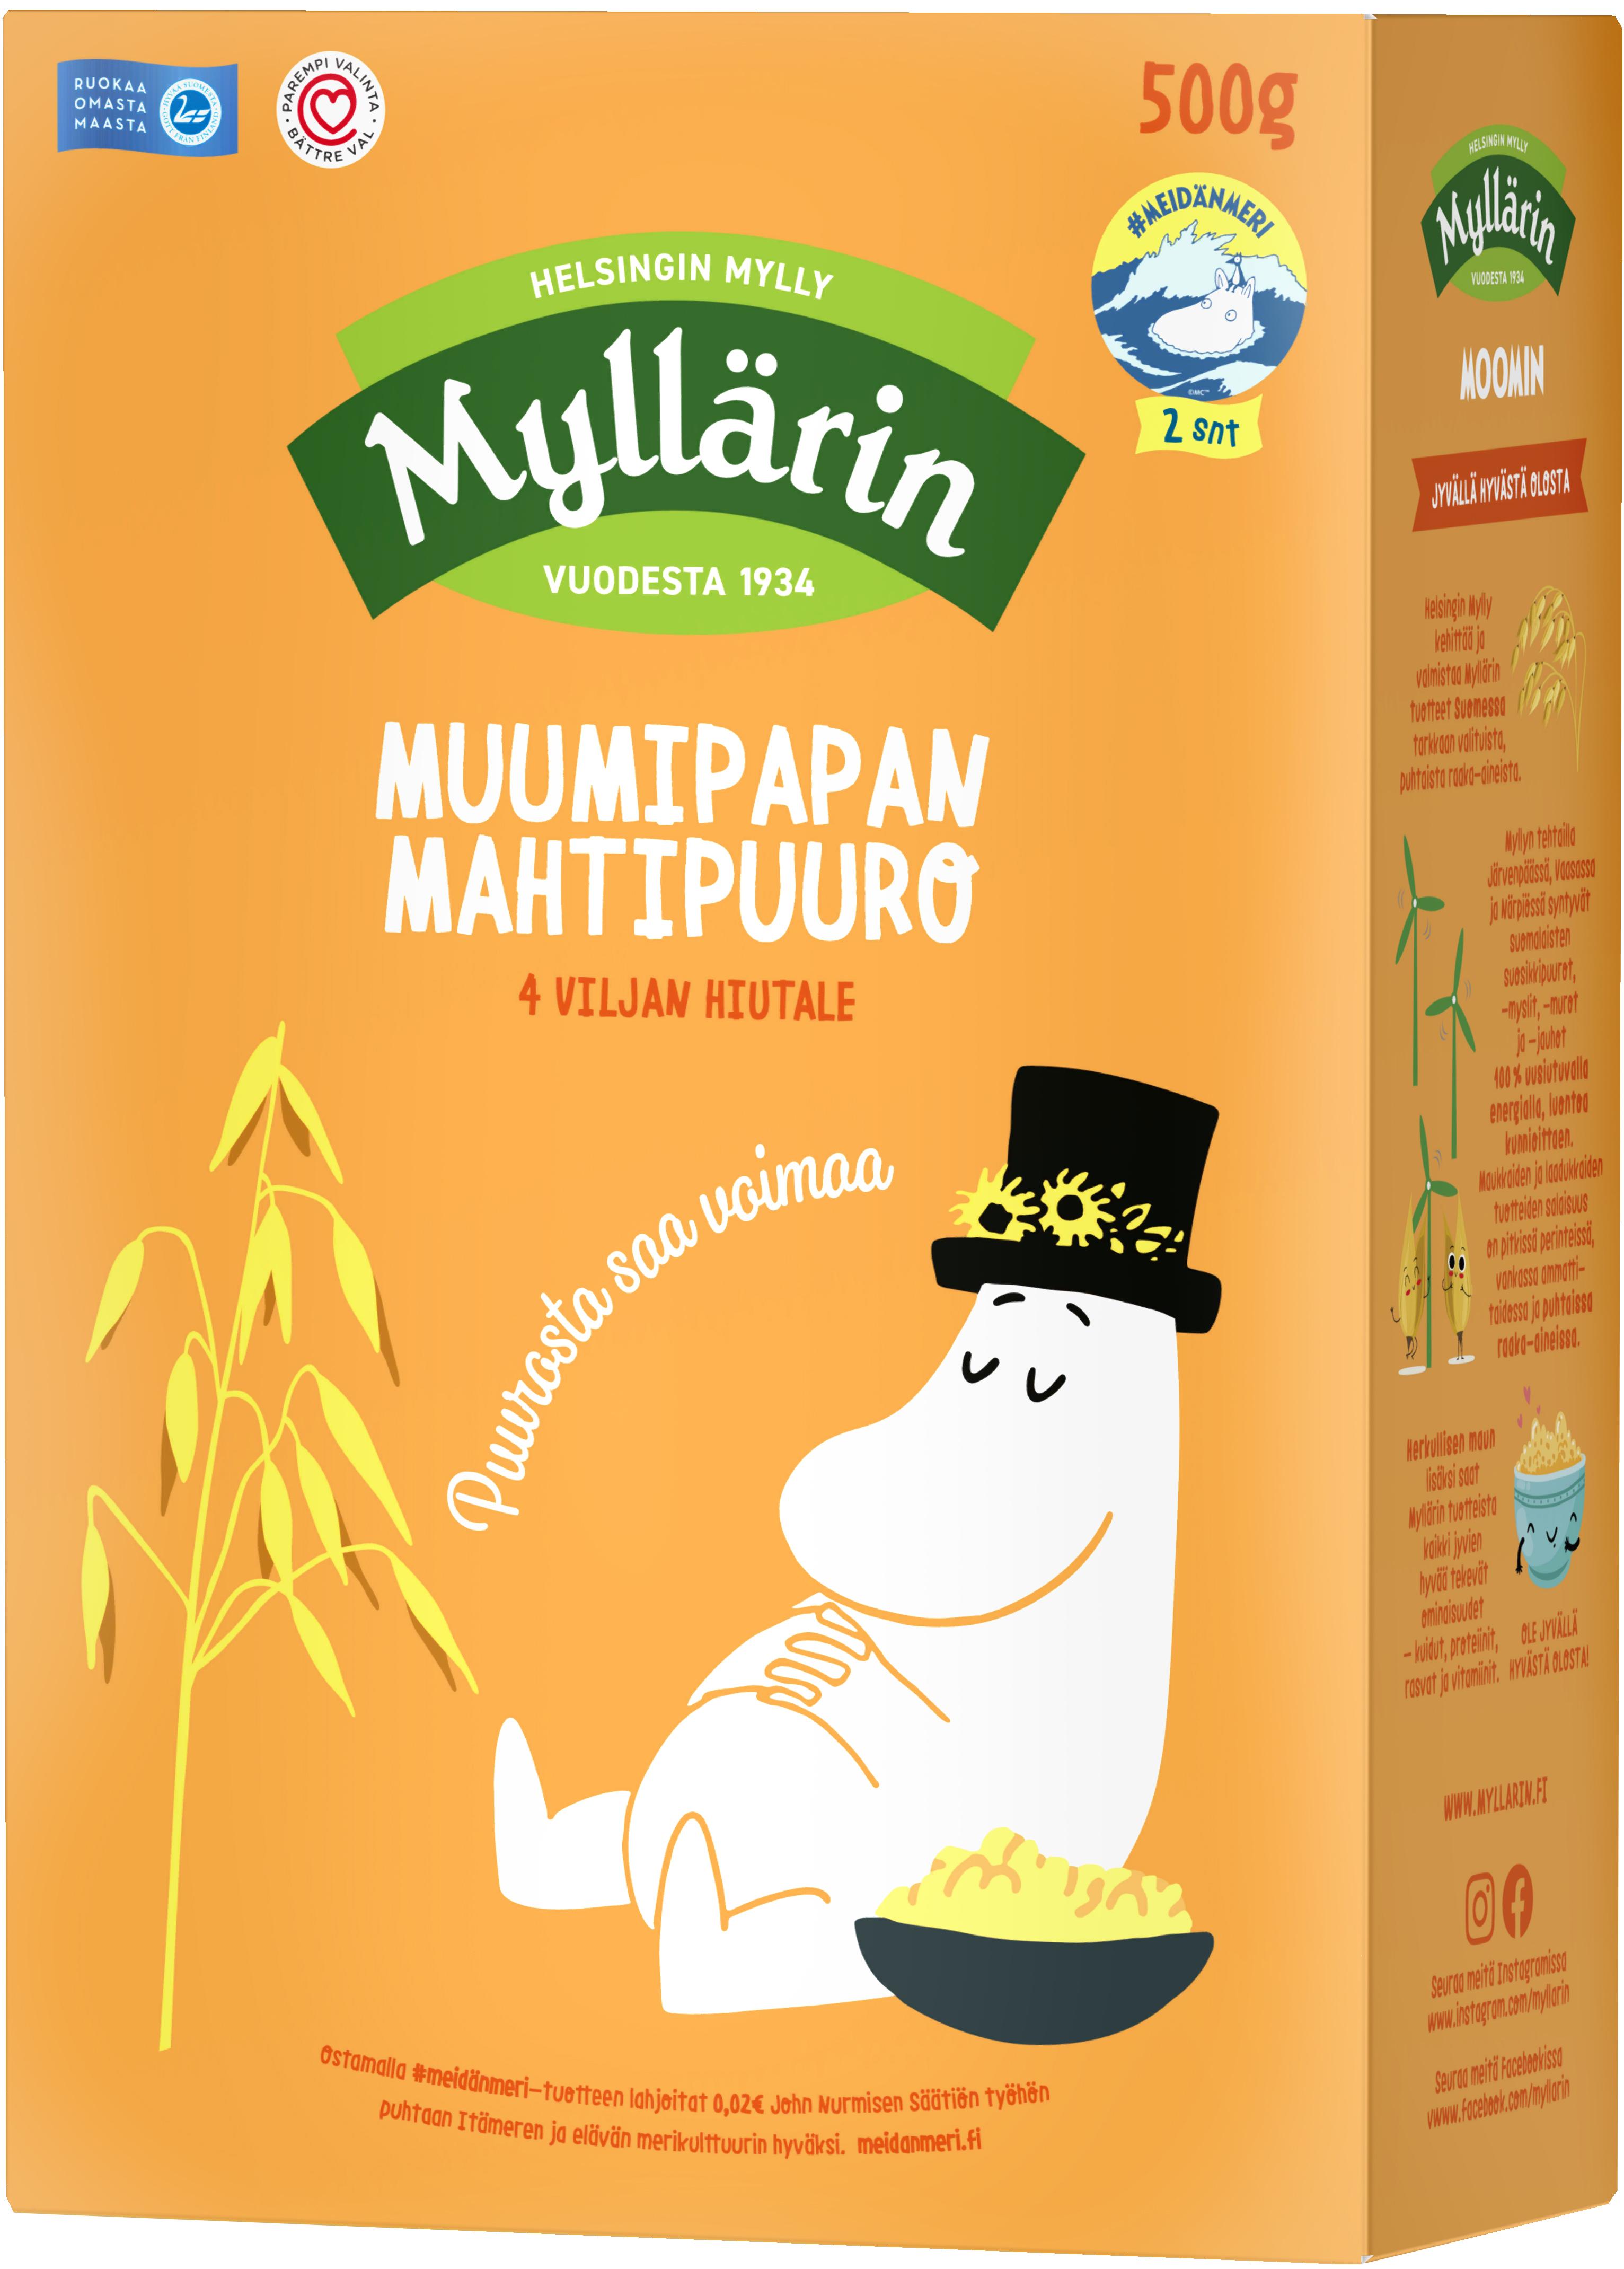 Myllärin Moominpappa's 4 Cereal Porridge 500 g